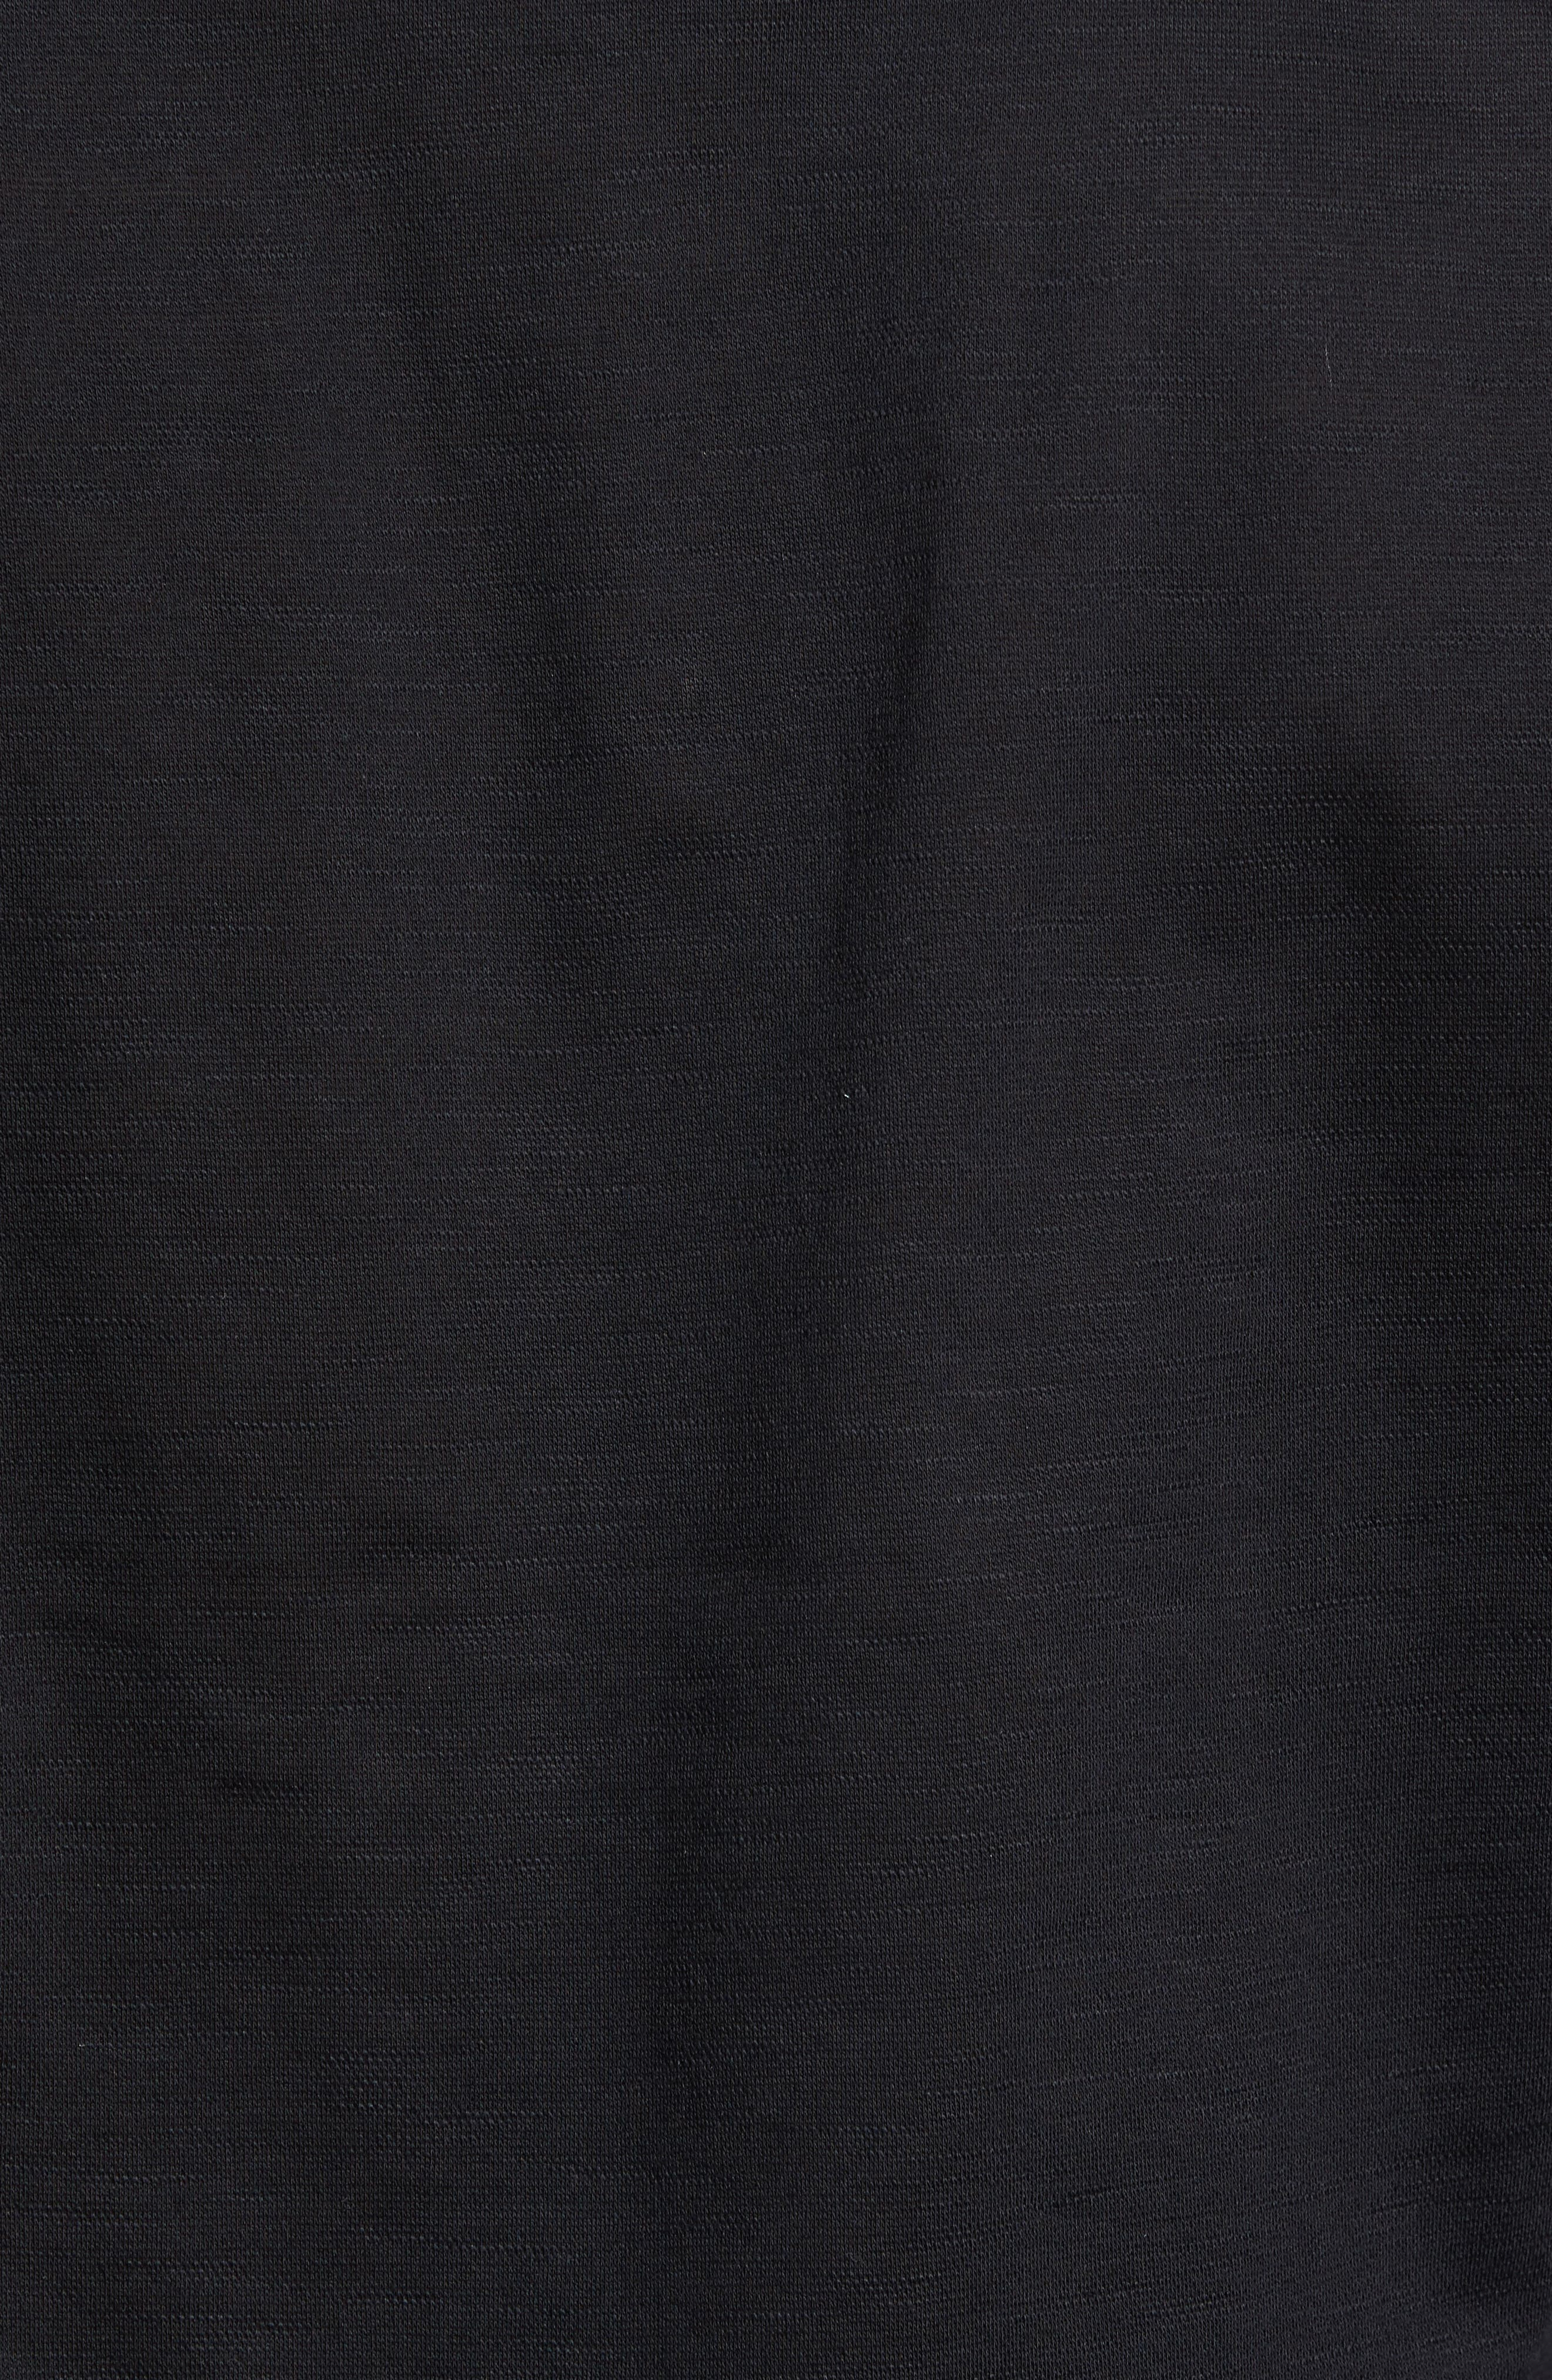 Flamé Knit Sport Shirt,                             Alternate thumbnail 5, color,                             001